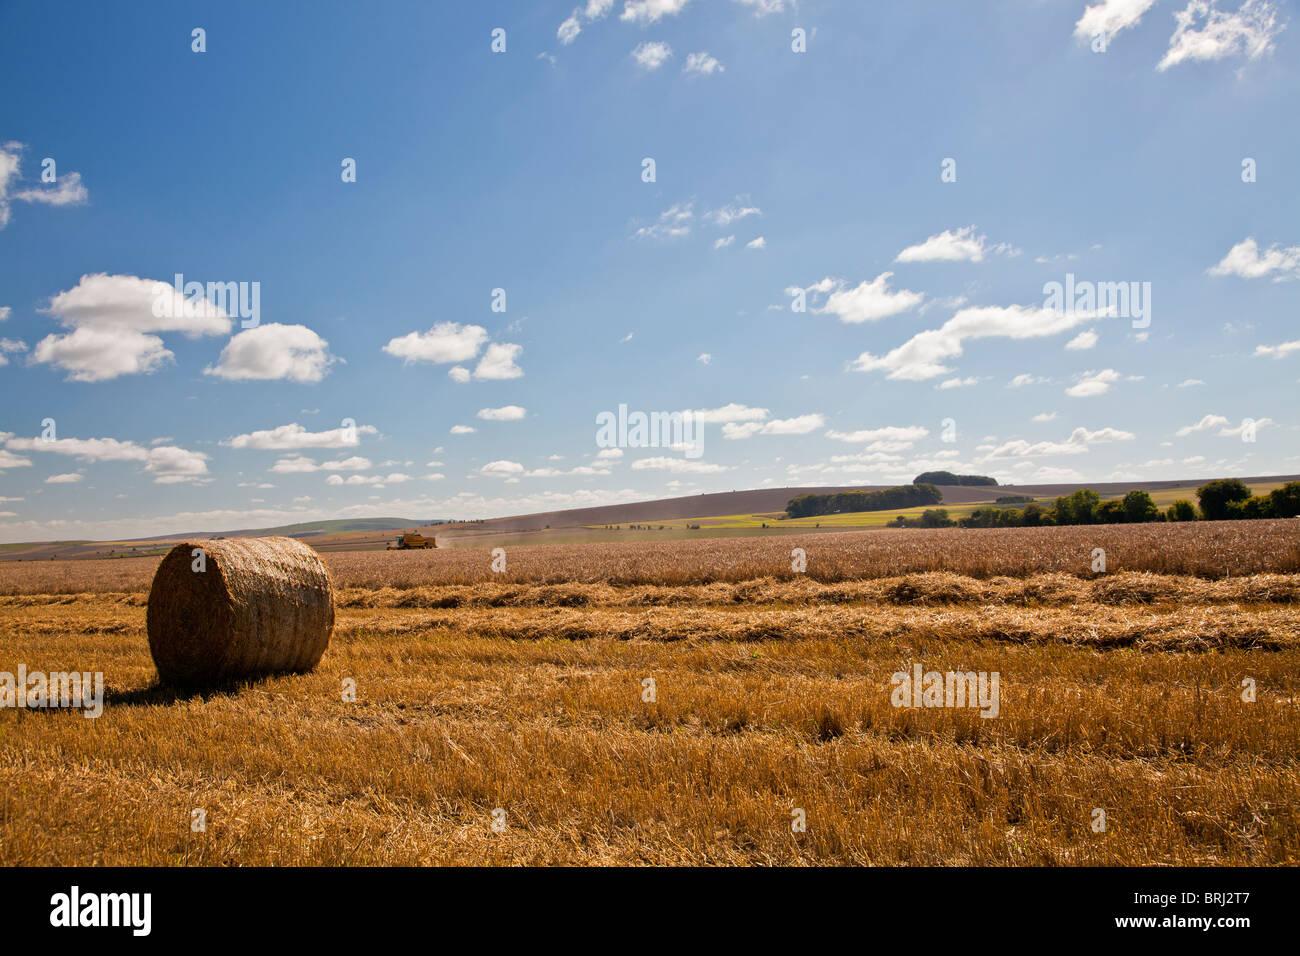 Heuernte in Feldern in der Nähe von Roundway Down, Wiltshire, England, UK Stockbild